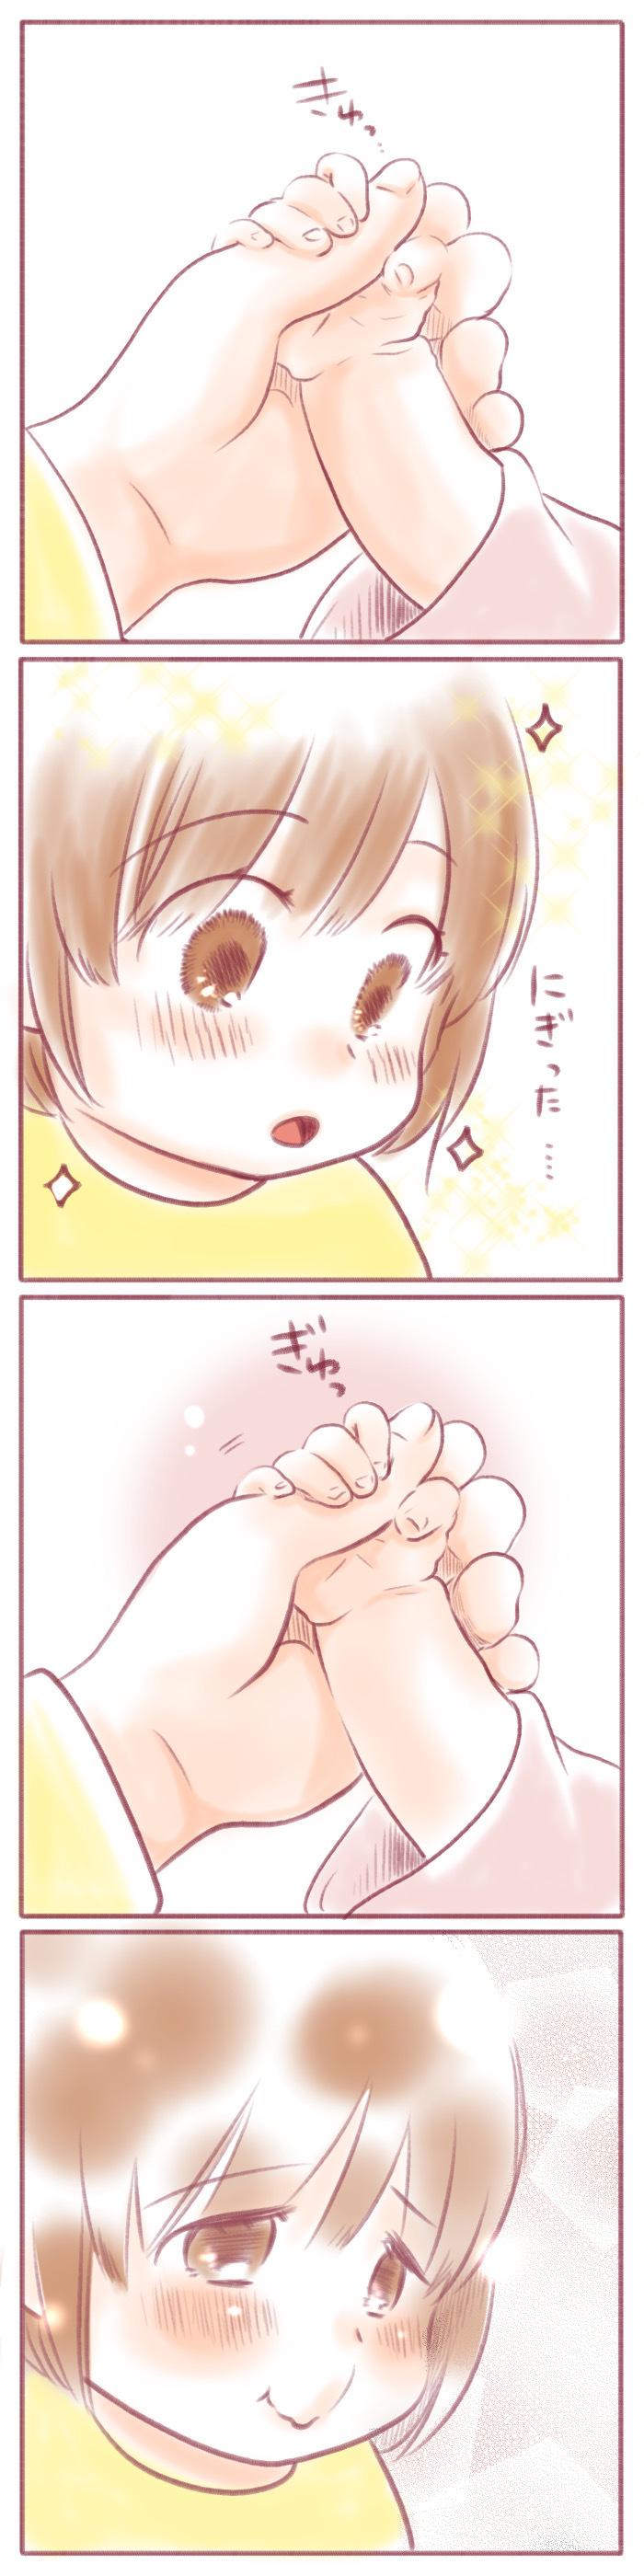 ちいさな姉妹の、ちいさな手と手。心がじーんとあたたまる瞬間の画像1